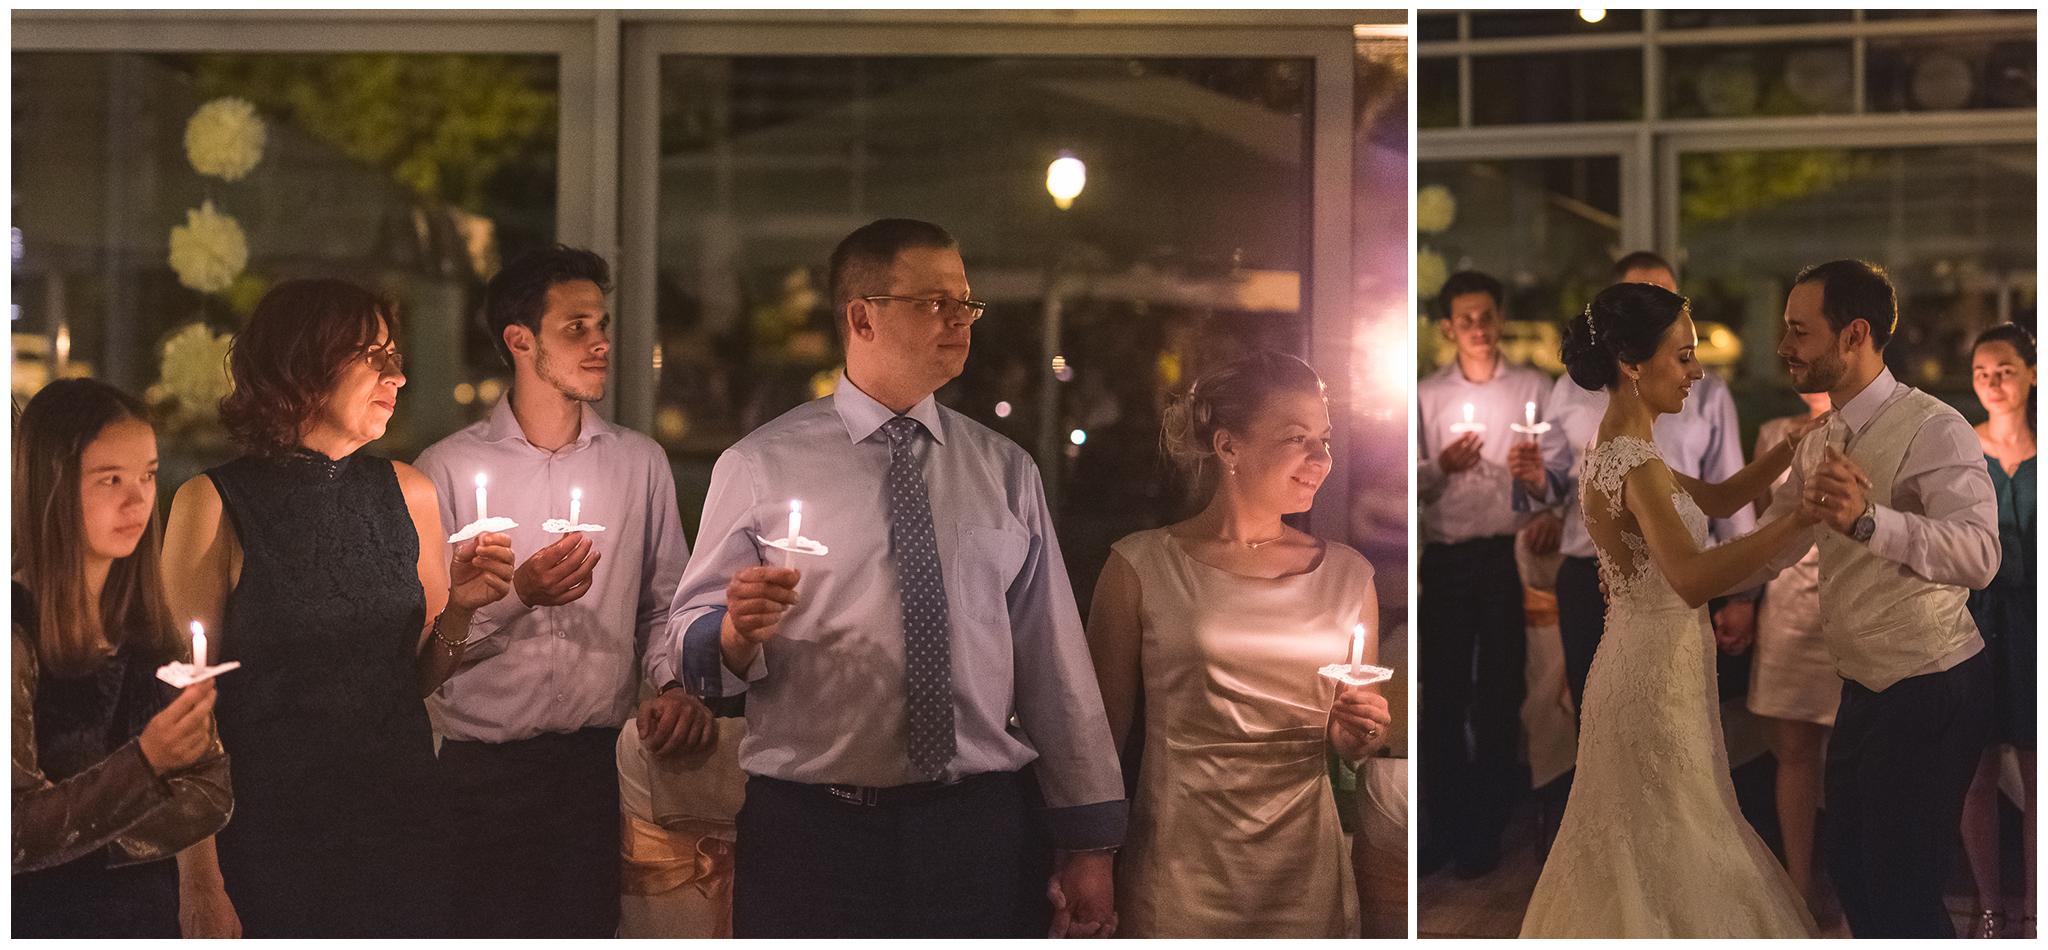 FylepPhoto, esküvőfotós, esküvői fotós Körmend, Szombathely, esküvőfotózás, magyarország, vas megye, prémium, jegyesfotózás, Fülöp Péter, körmend, kreatív, fotográfus_045.jpg